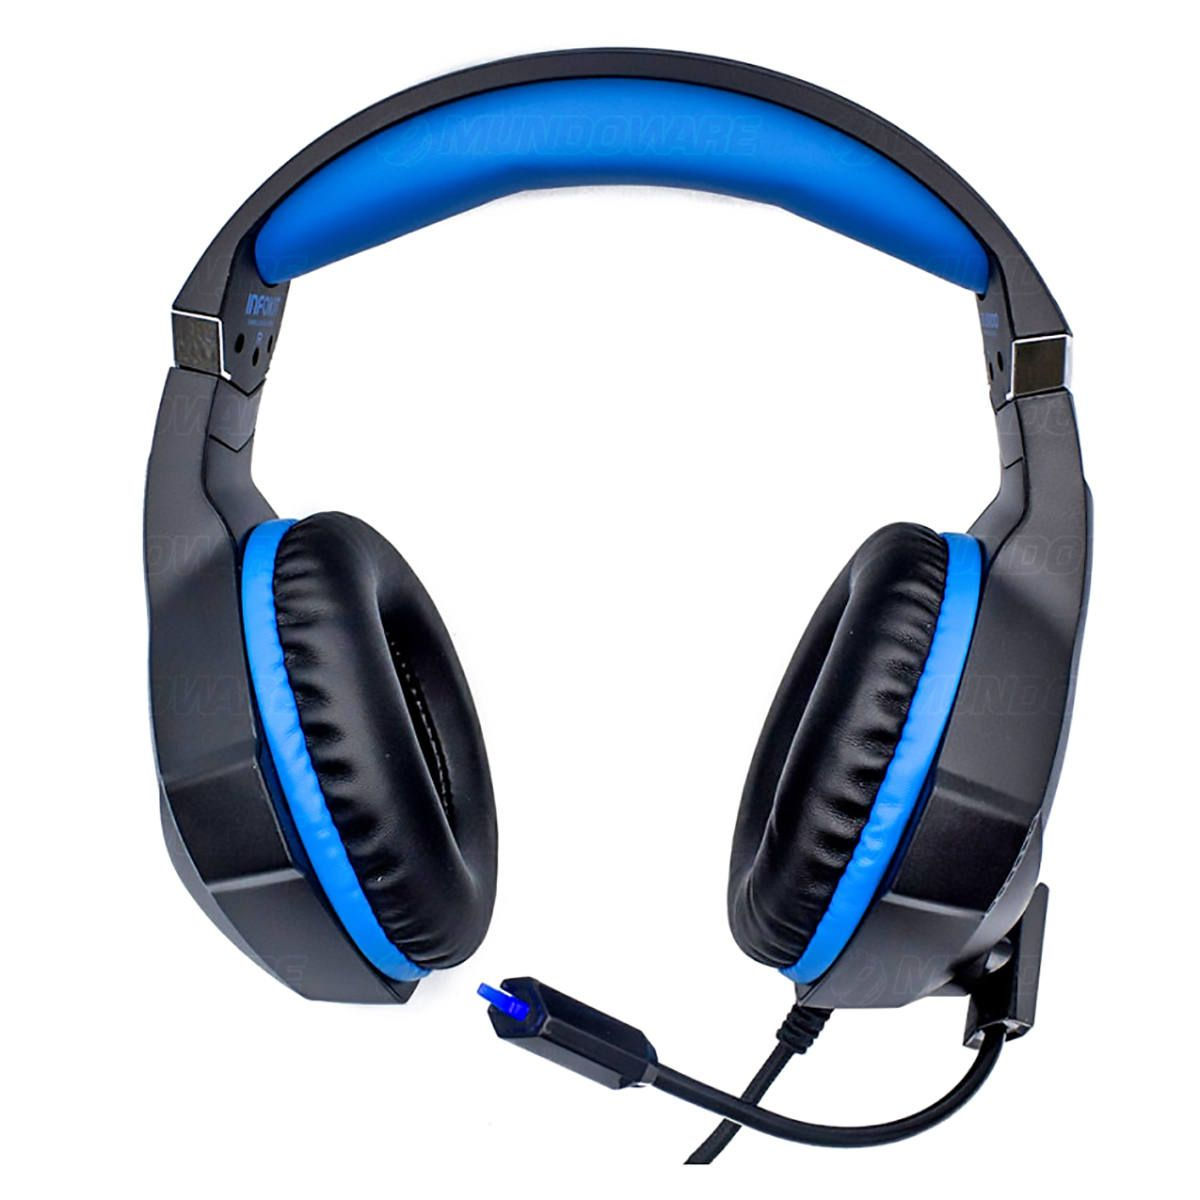 Headphone Gamer para PS4 PC Celular com Microfone Articulado LED RGB 7 Cores Almofada Extra Macia GH-X1000 Fone Azul